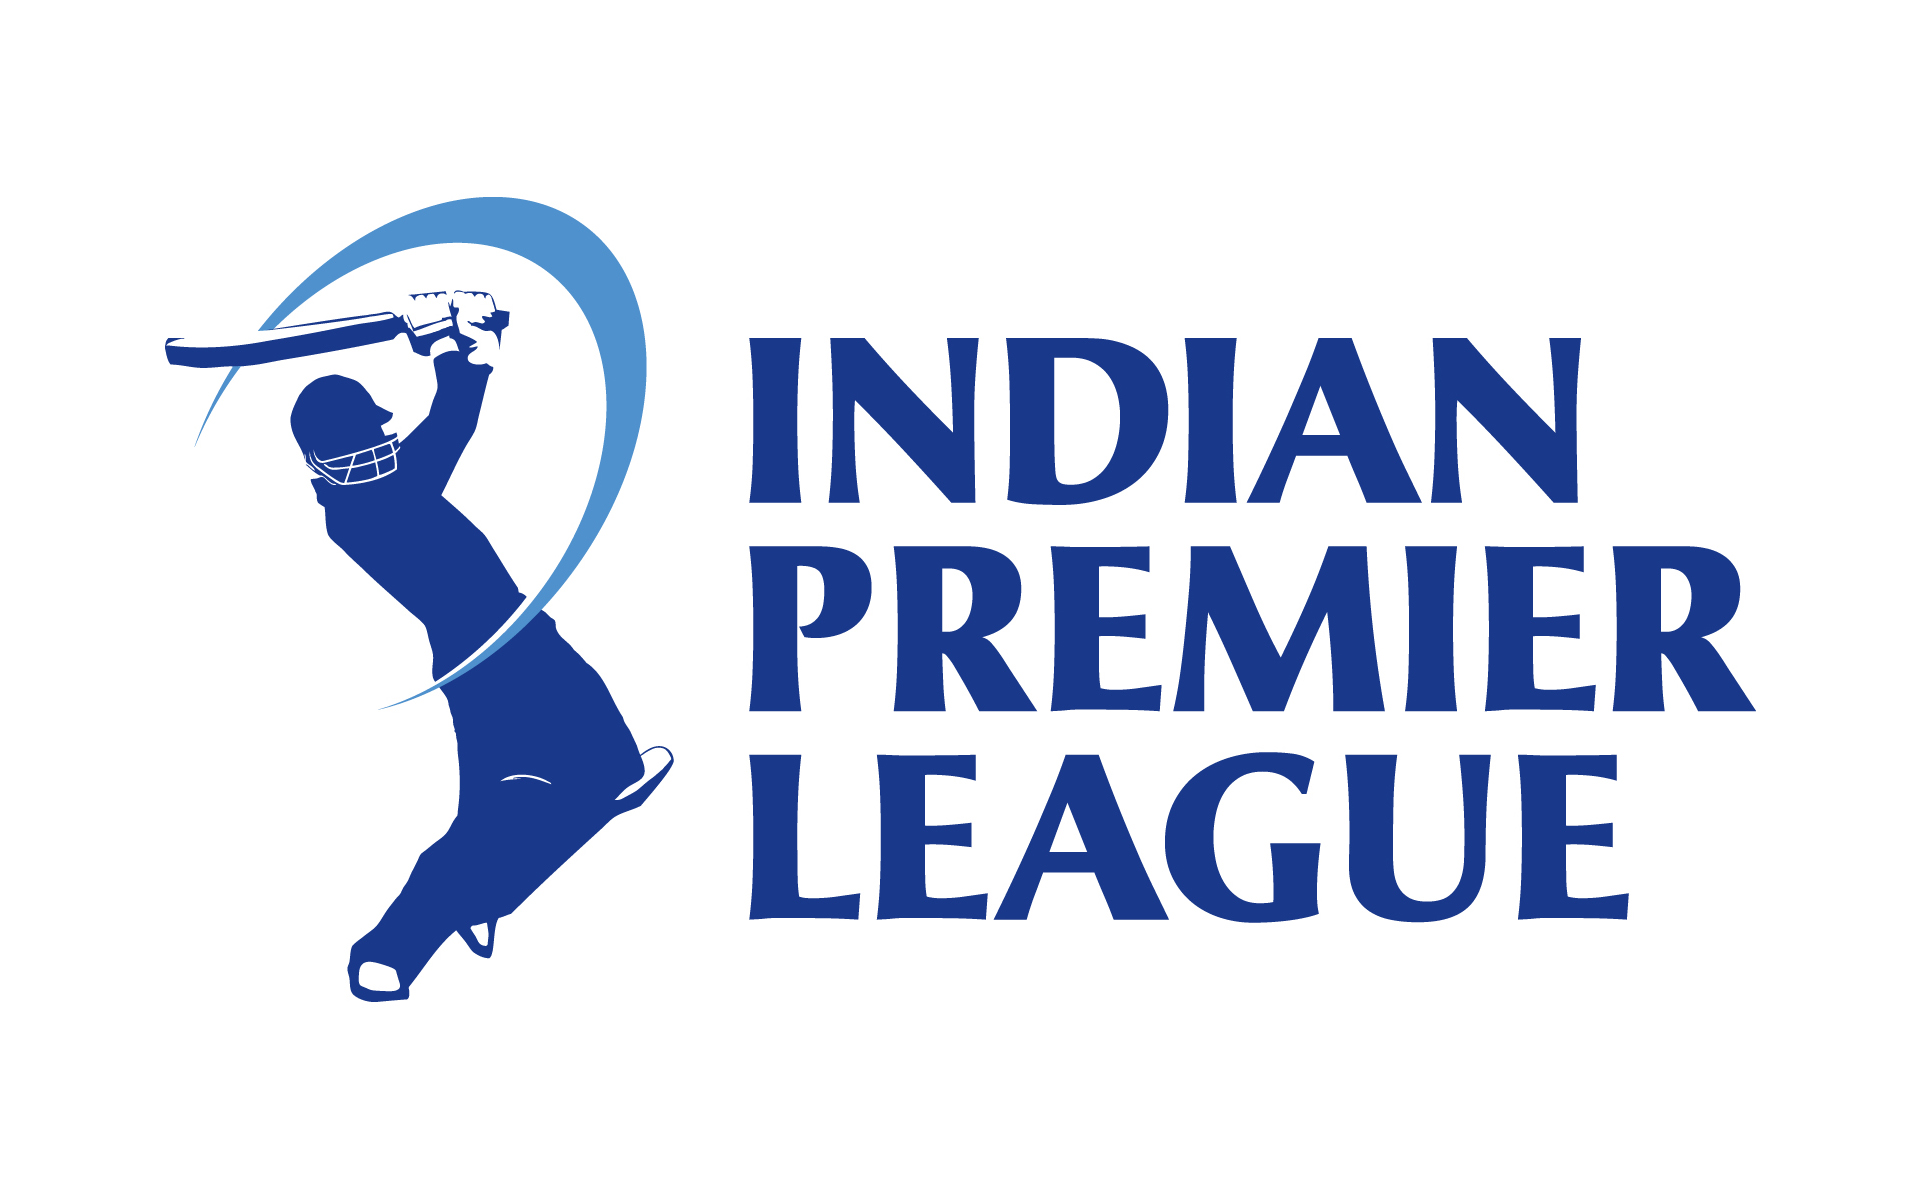 आईपीएल11 अपडेट : अब सुप्रीम कोर्ट और बीसीसीआई के बीच इस बात को लेकर ठनी, खतरे में पड़ा आईपीएल11